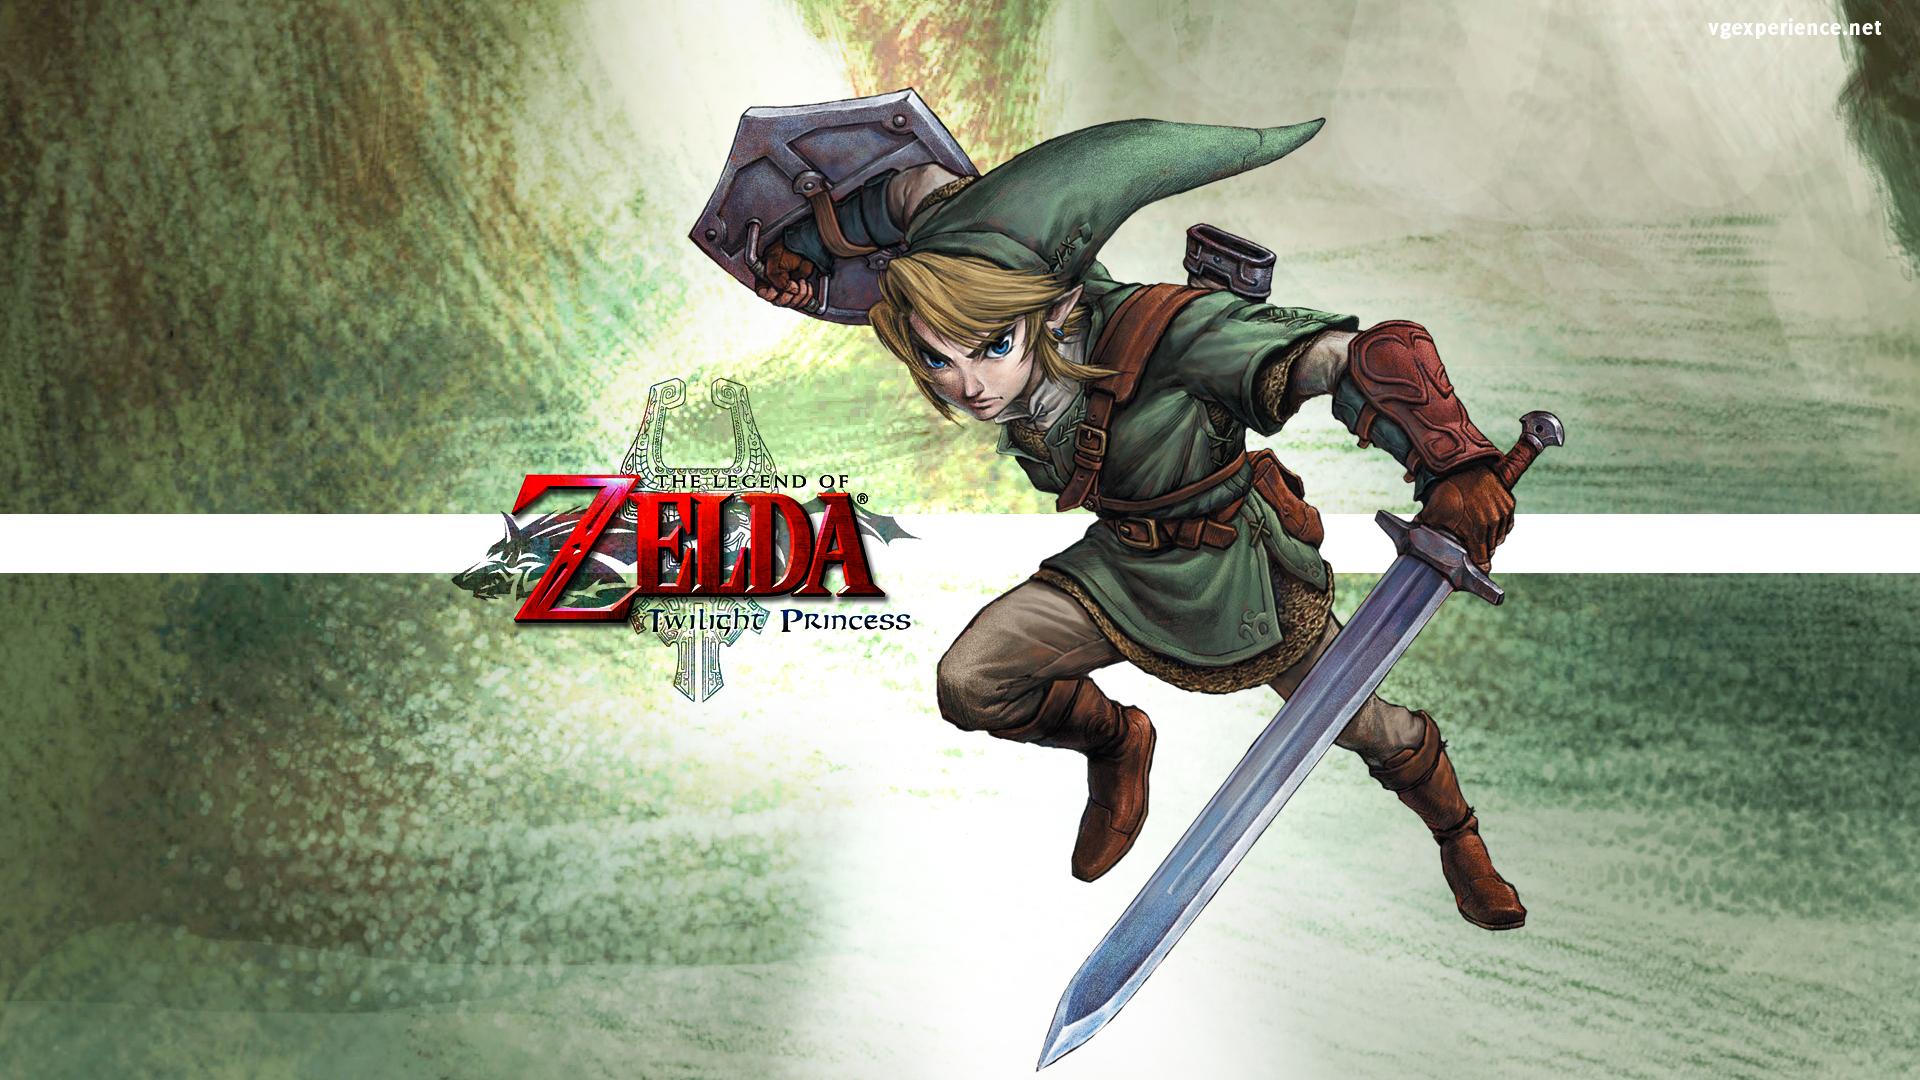 Zelda Twilight Princess Wallpaper 1080p The legend of zelda twilight 1920x1080